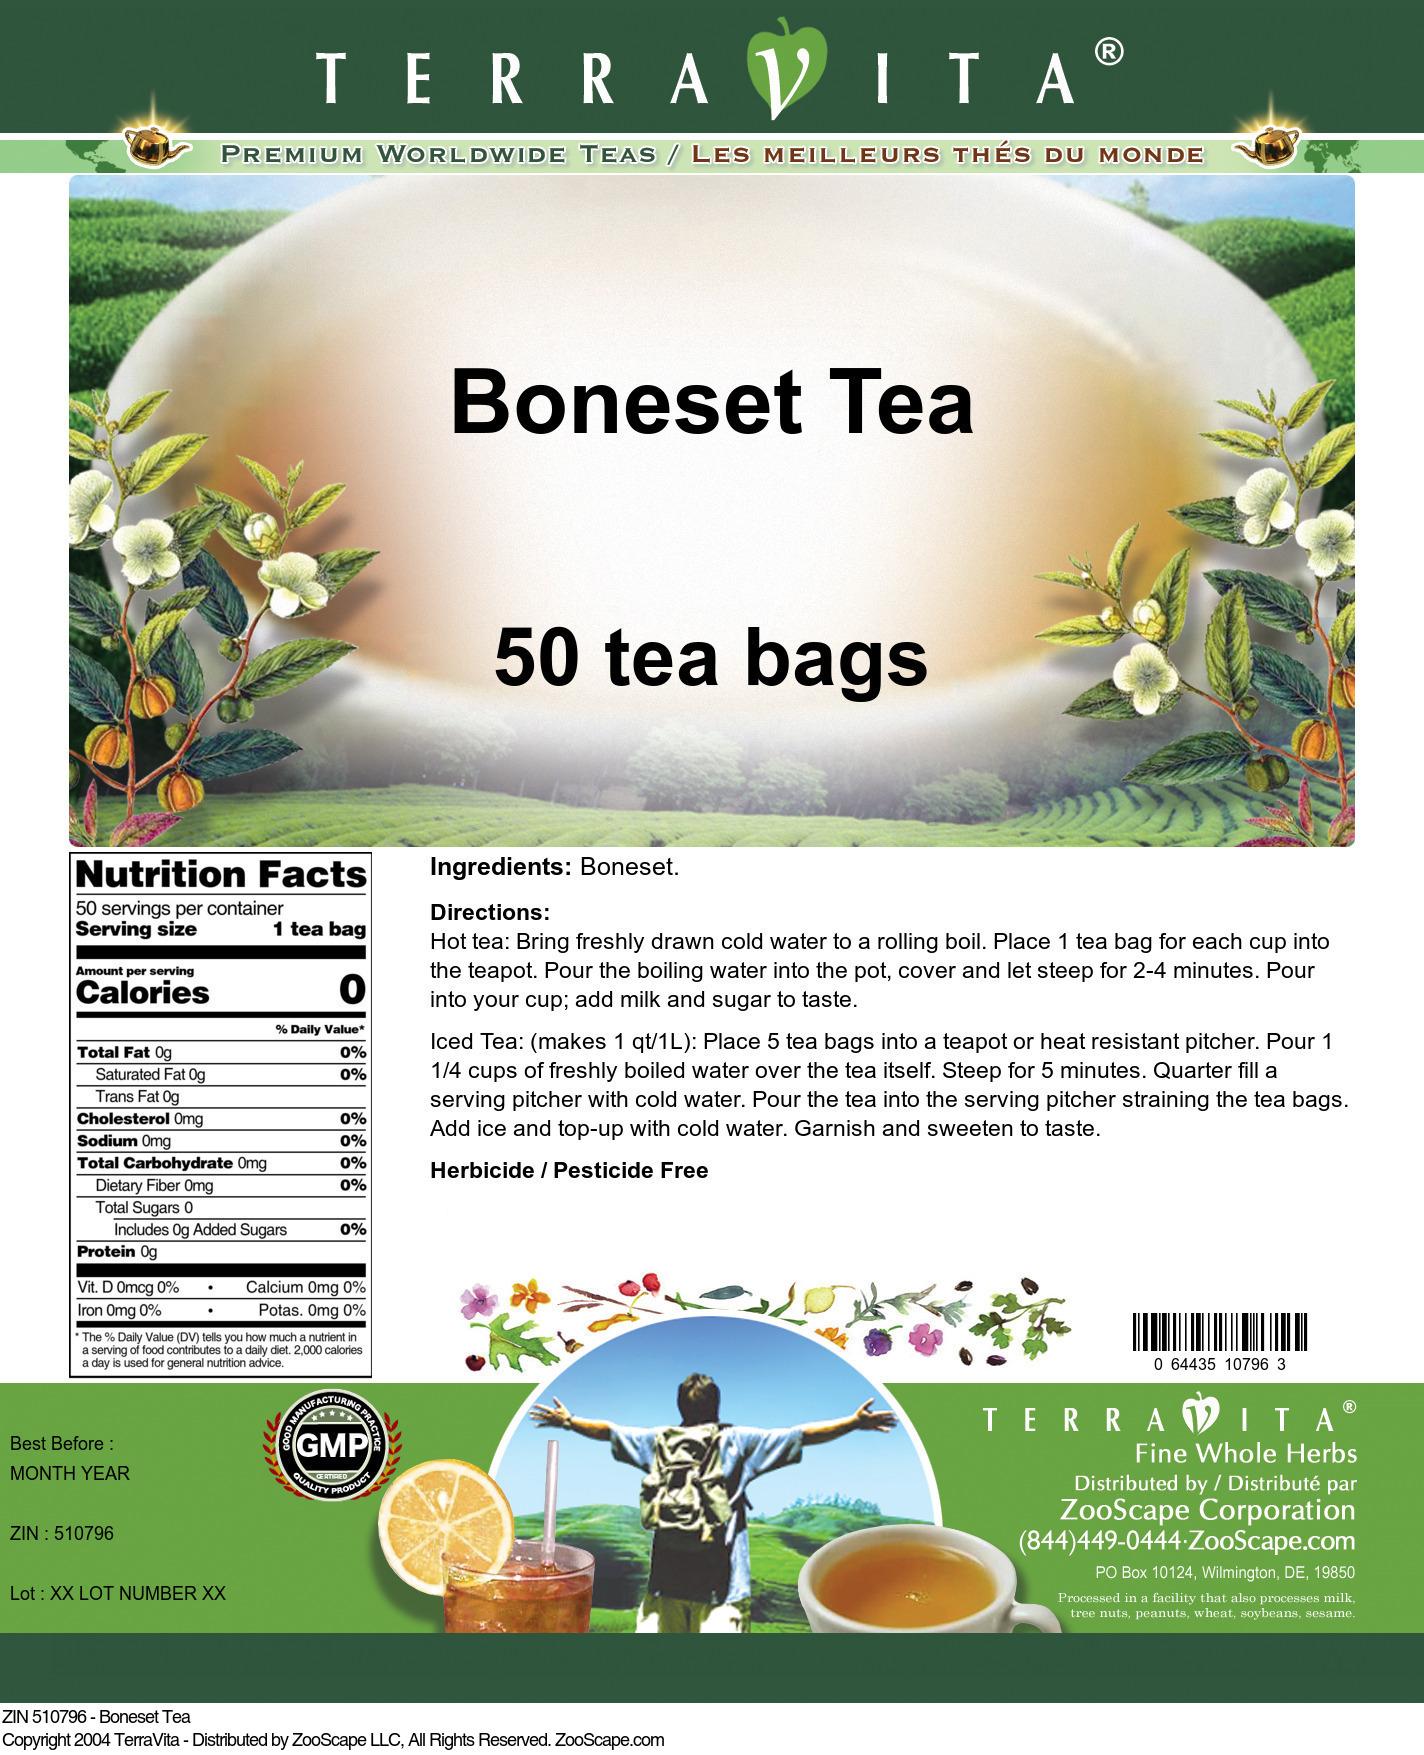 Boneset Tea